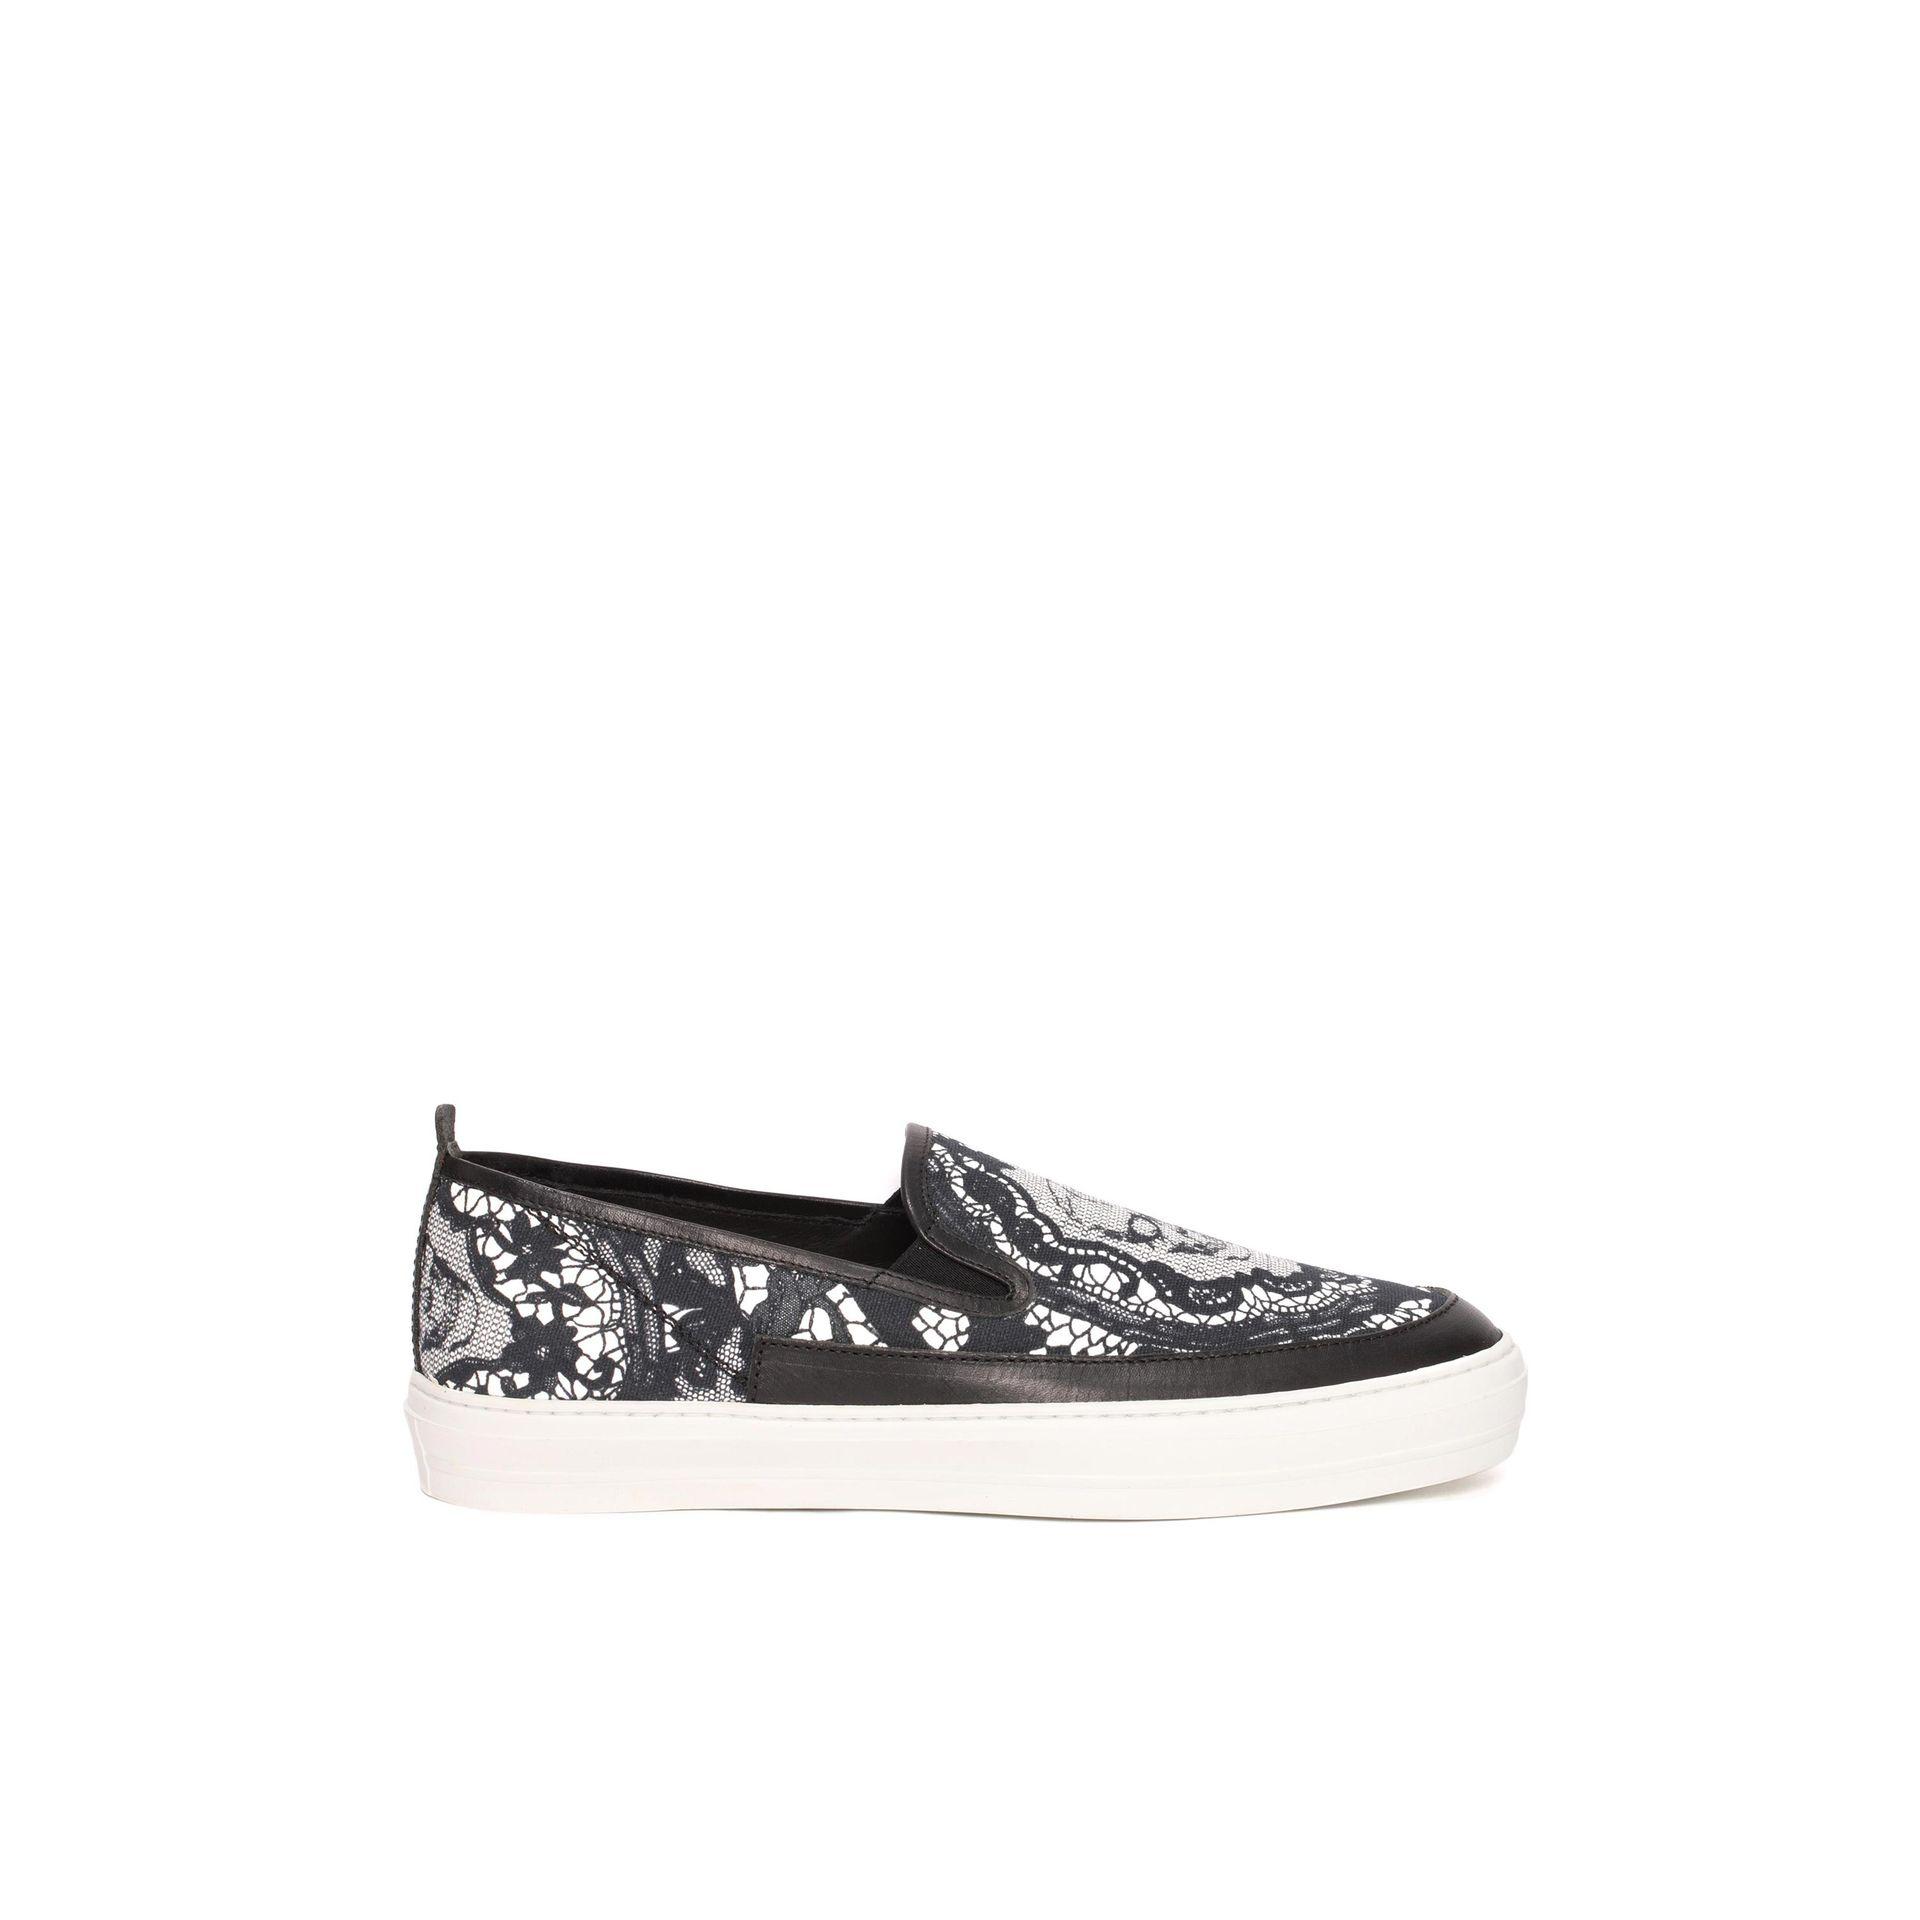 printed slip on sneakers - White Alexander McQueen zZgU4d